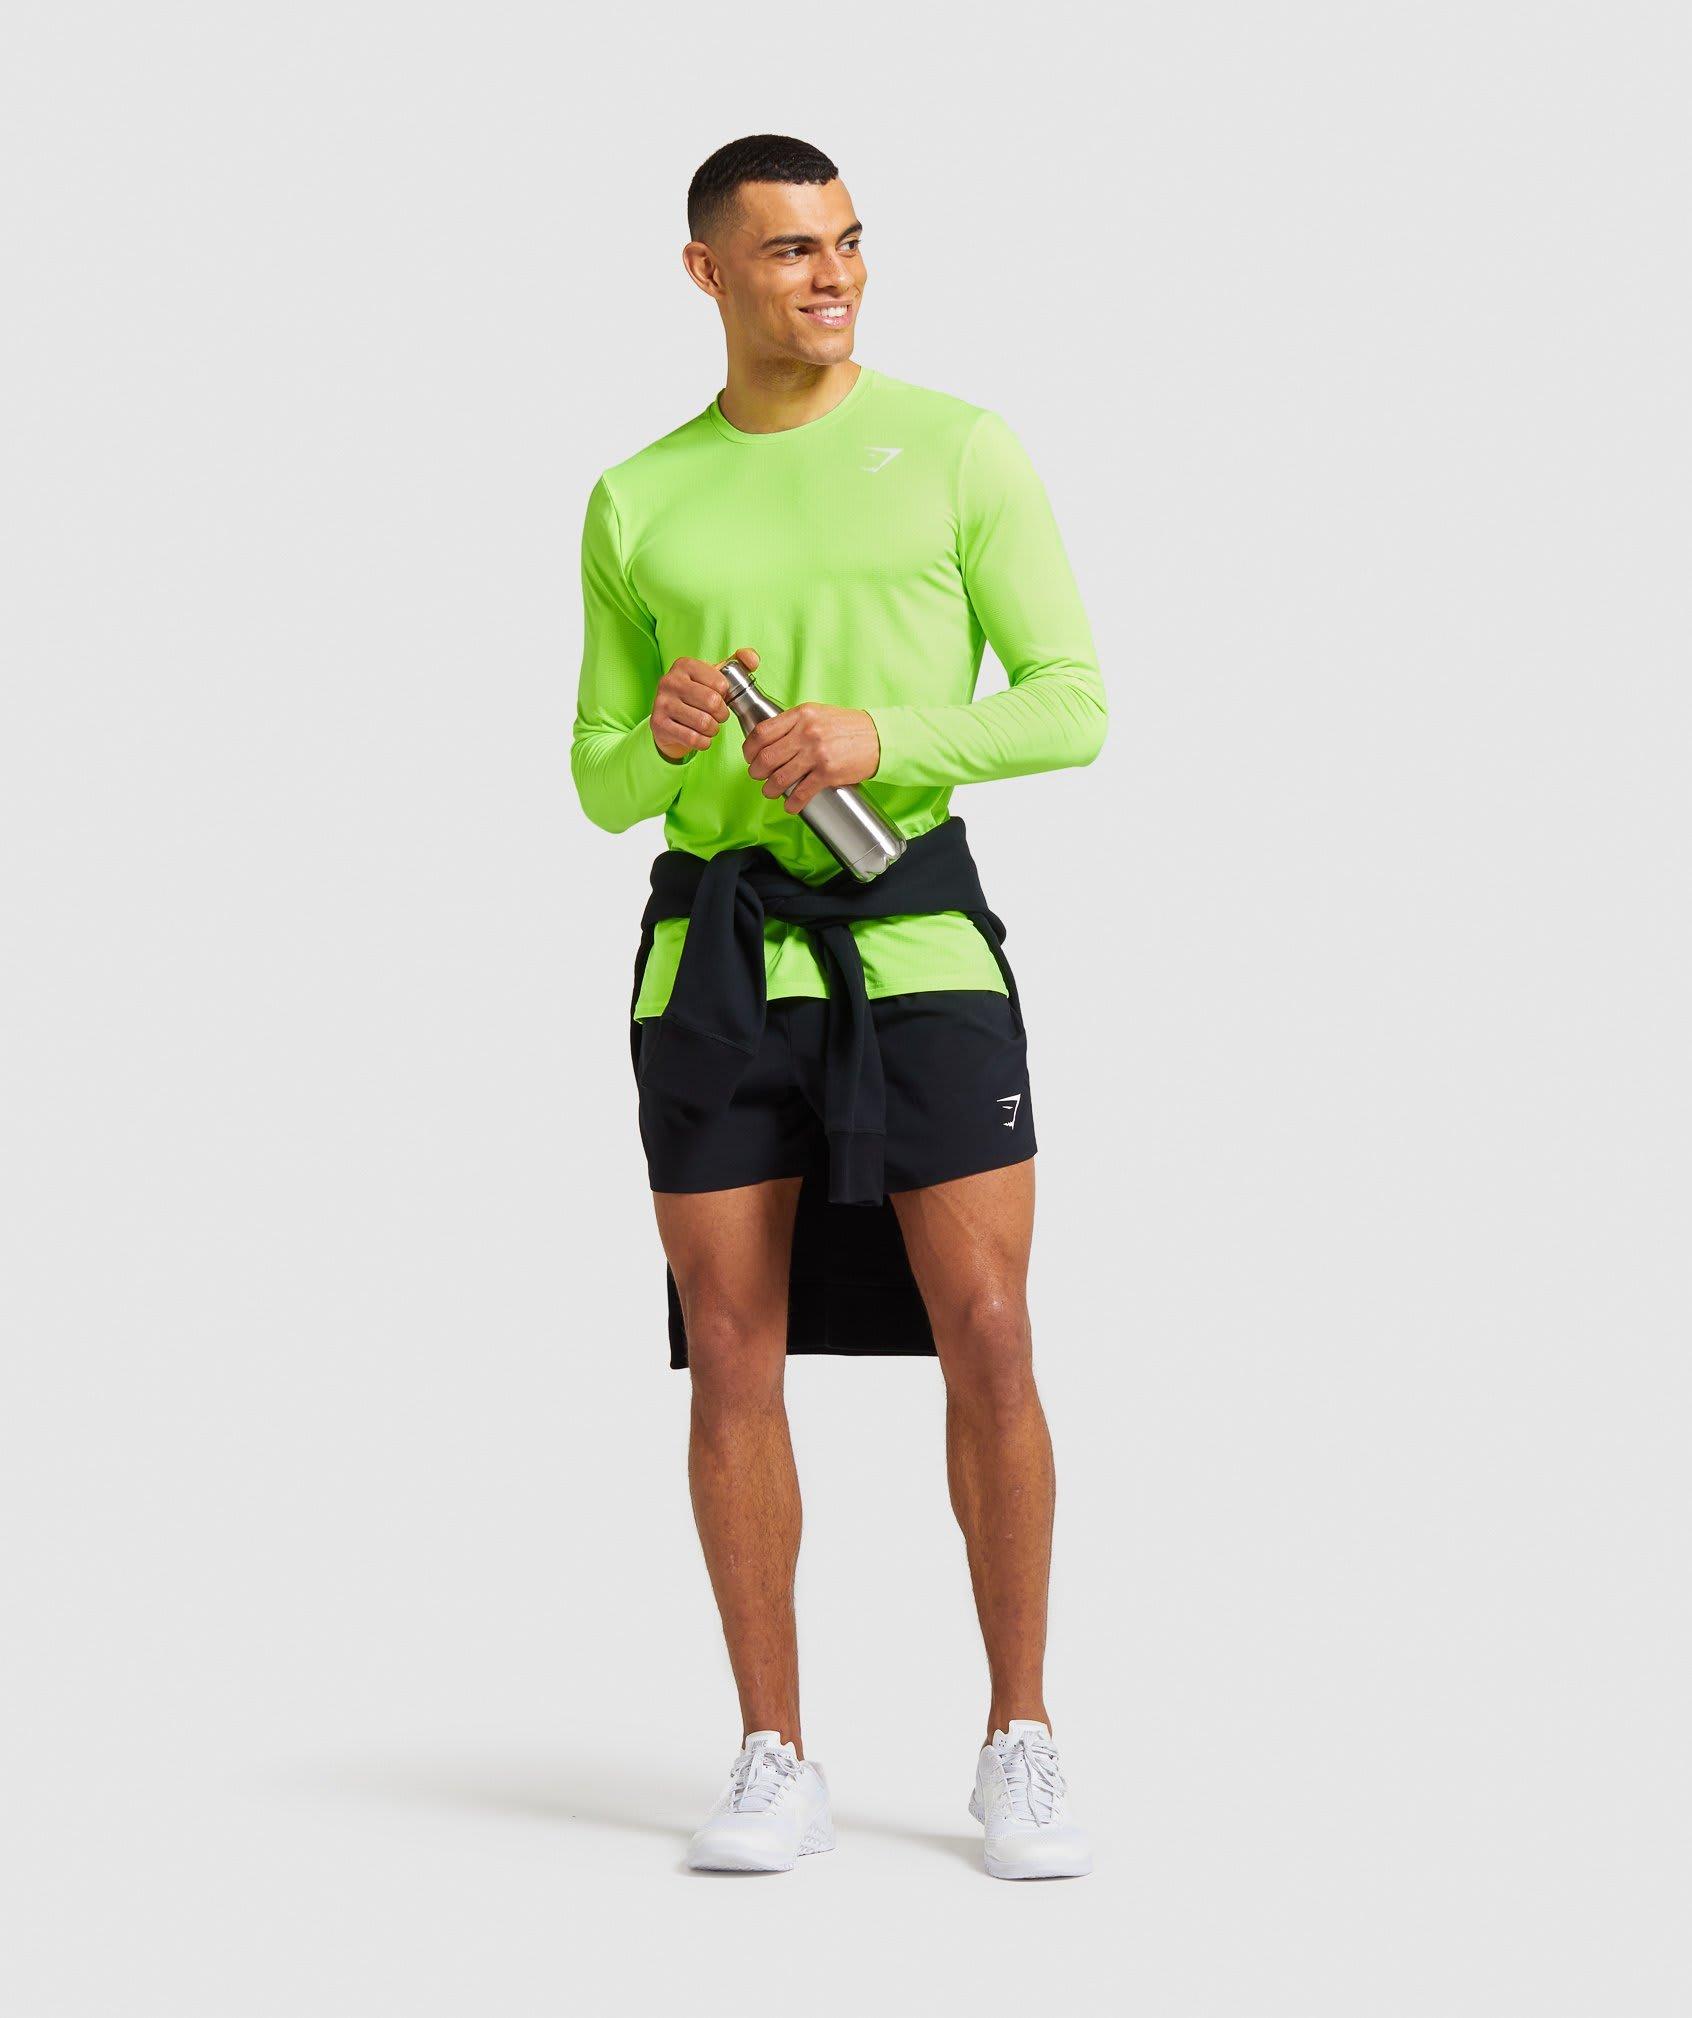 gym clothes men